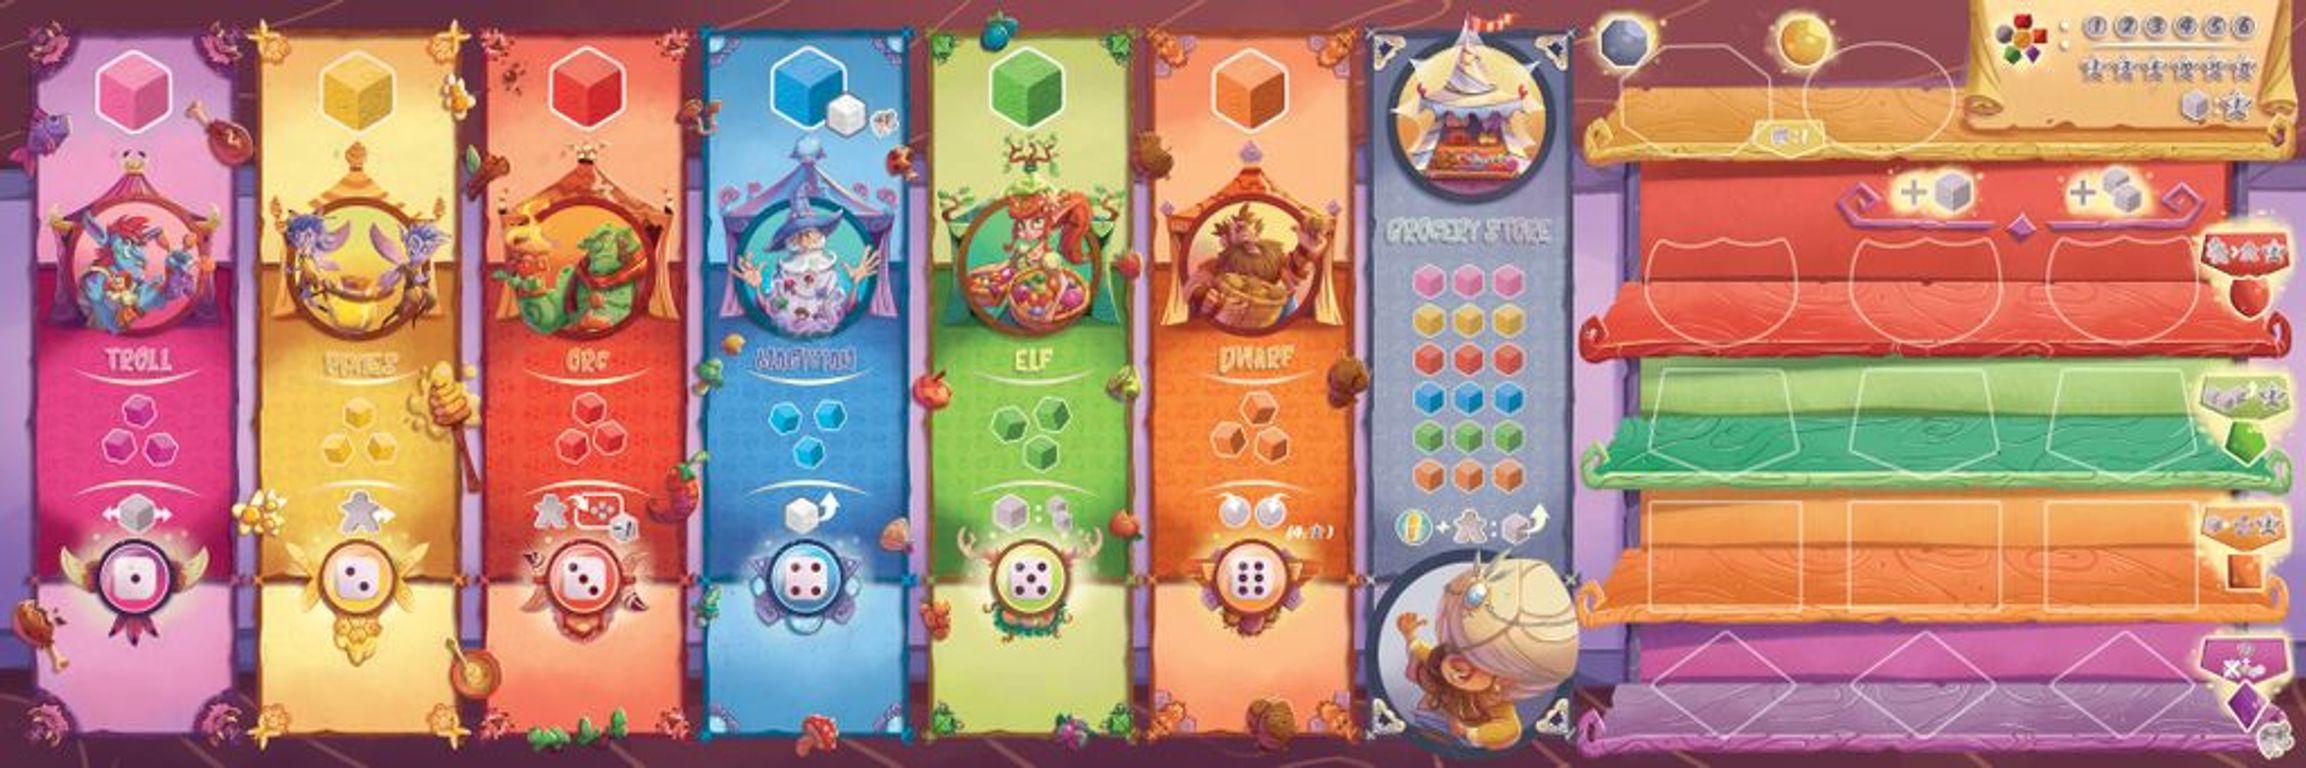 Festo! game board